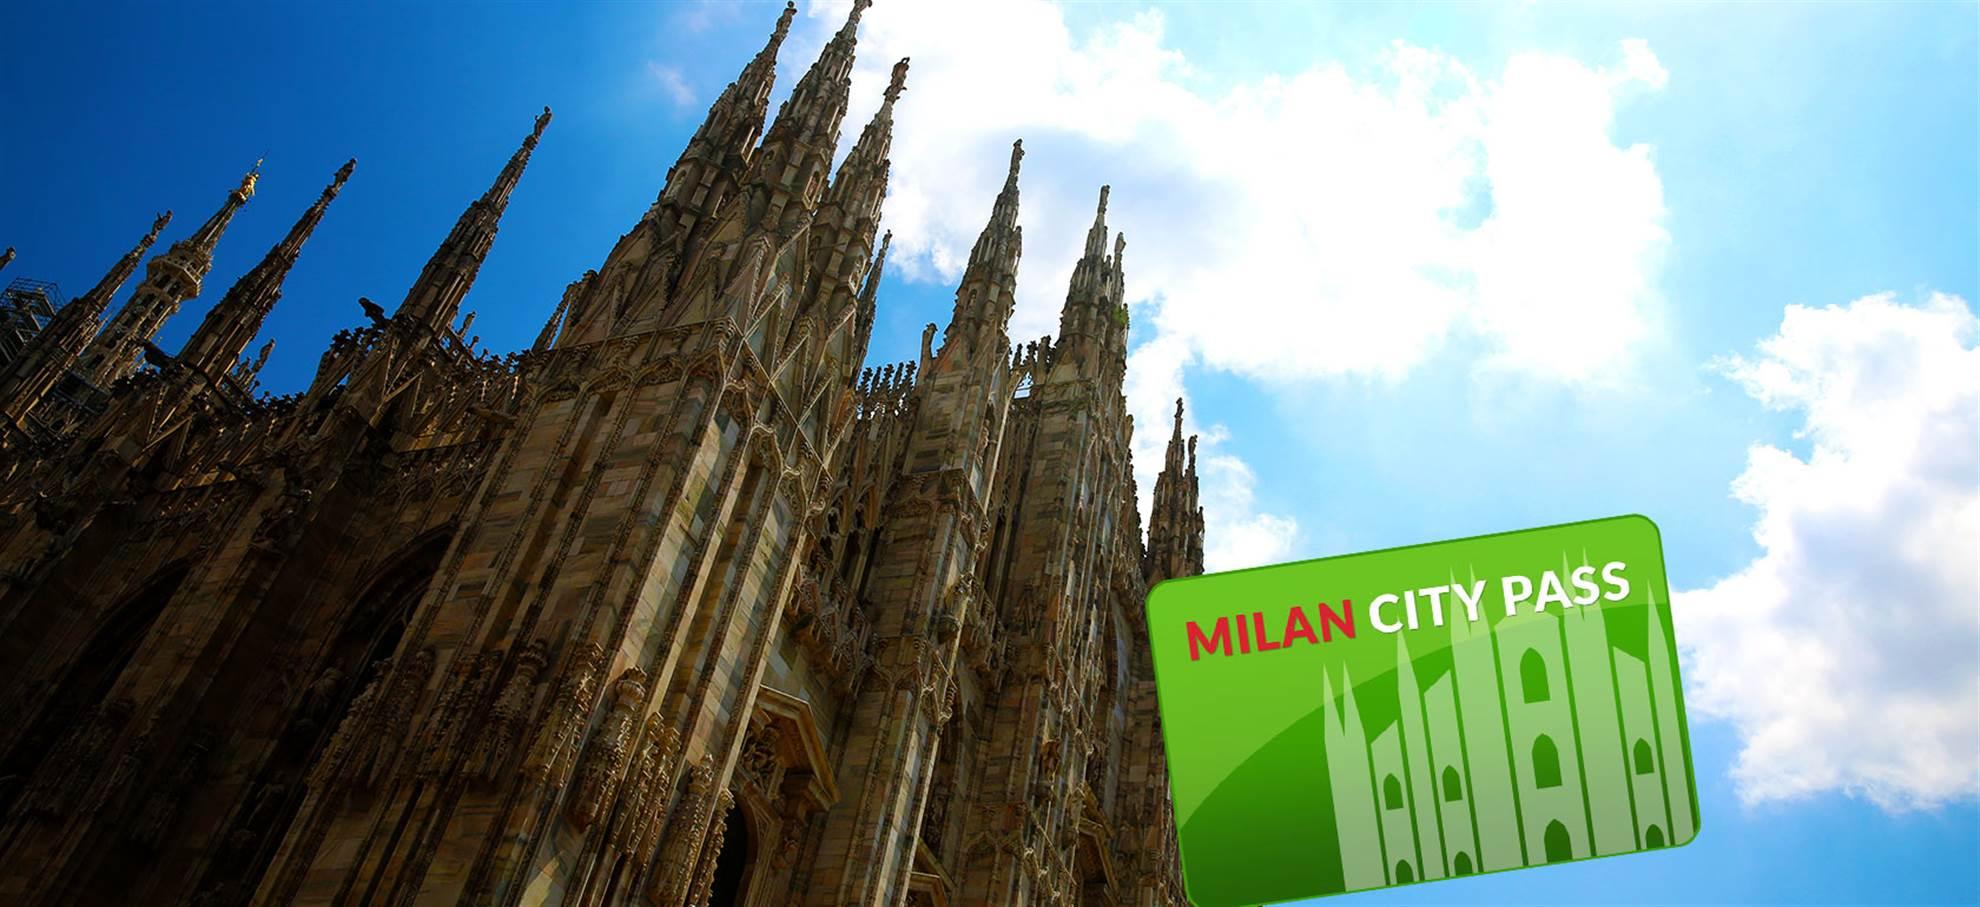 Милан - сити пасс Тайная вечеря (включая трансфер в аэропорт)